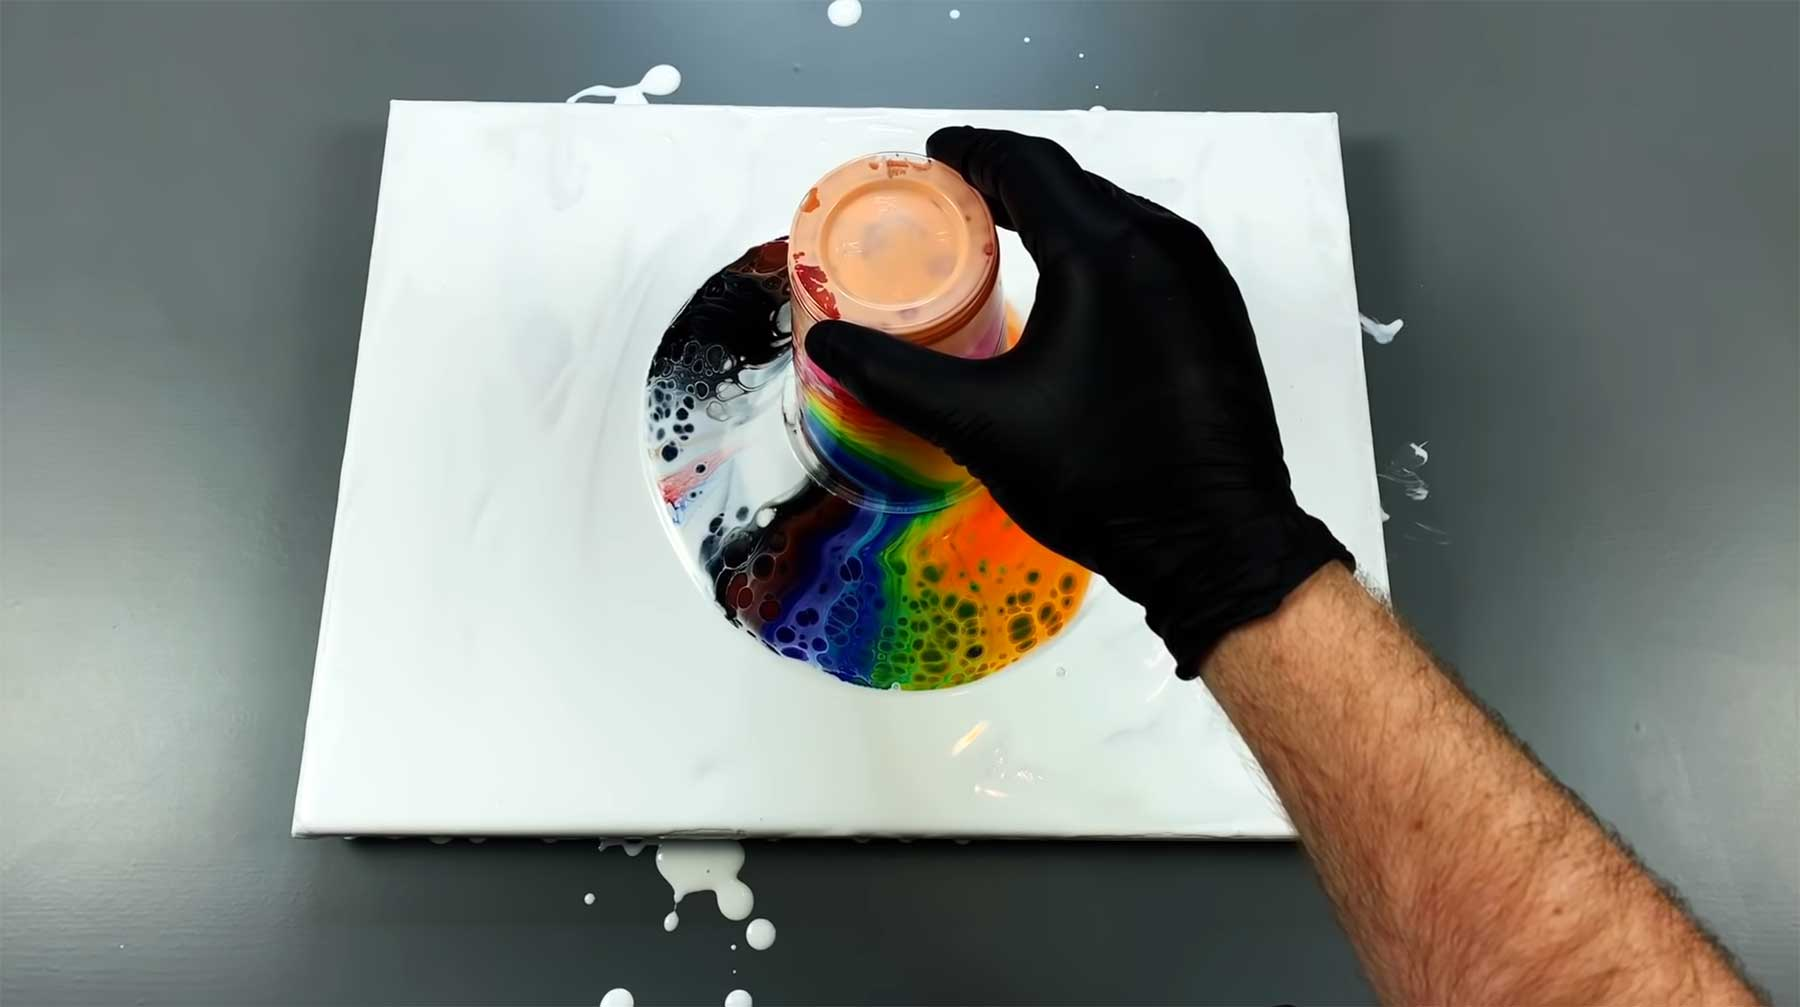 Einen Becher gemischter Acrylfarbe ausschütten